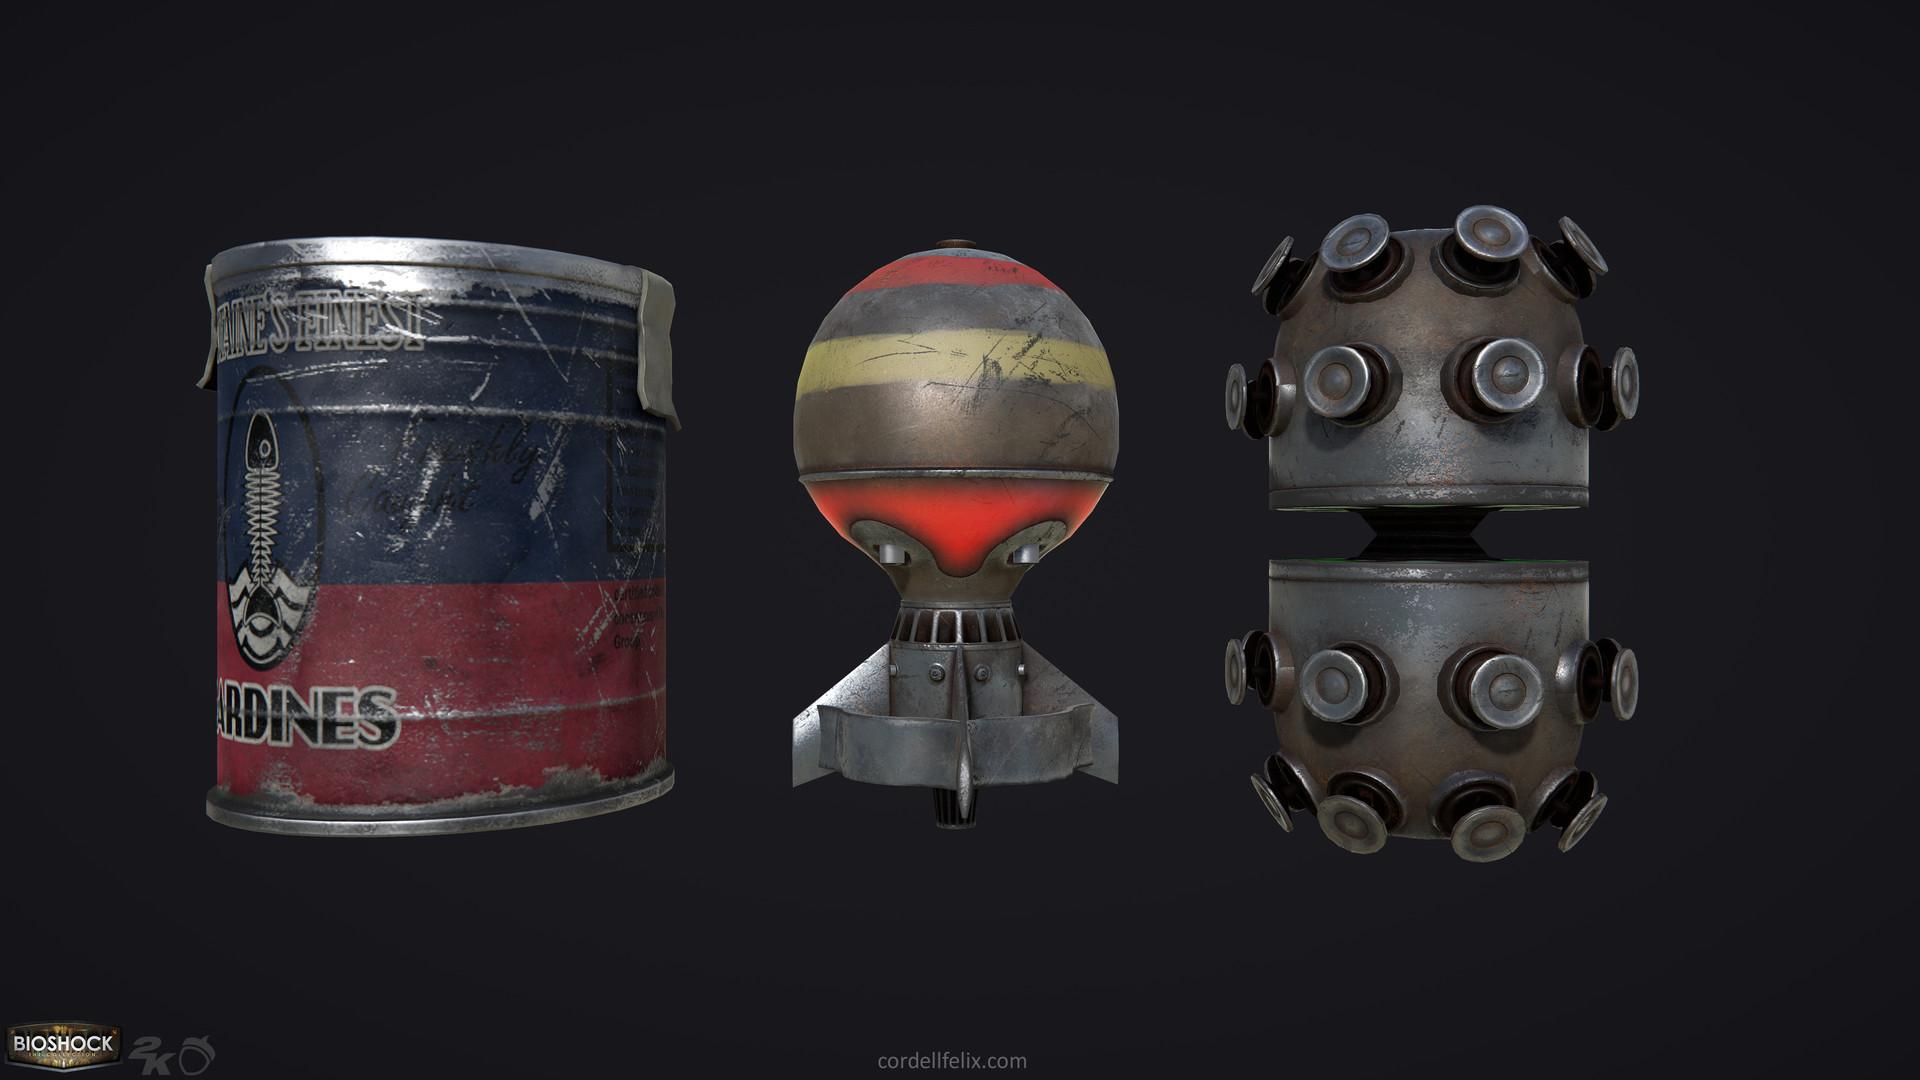 Cordell felix projectiles 01